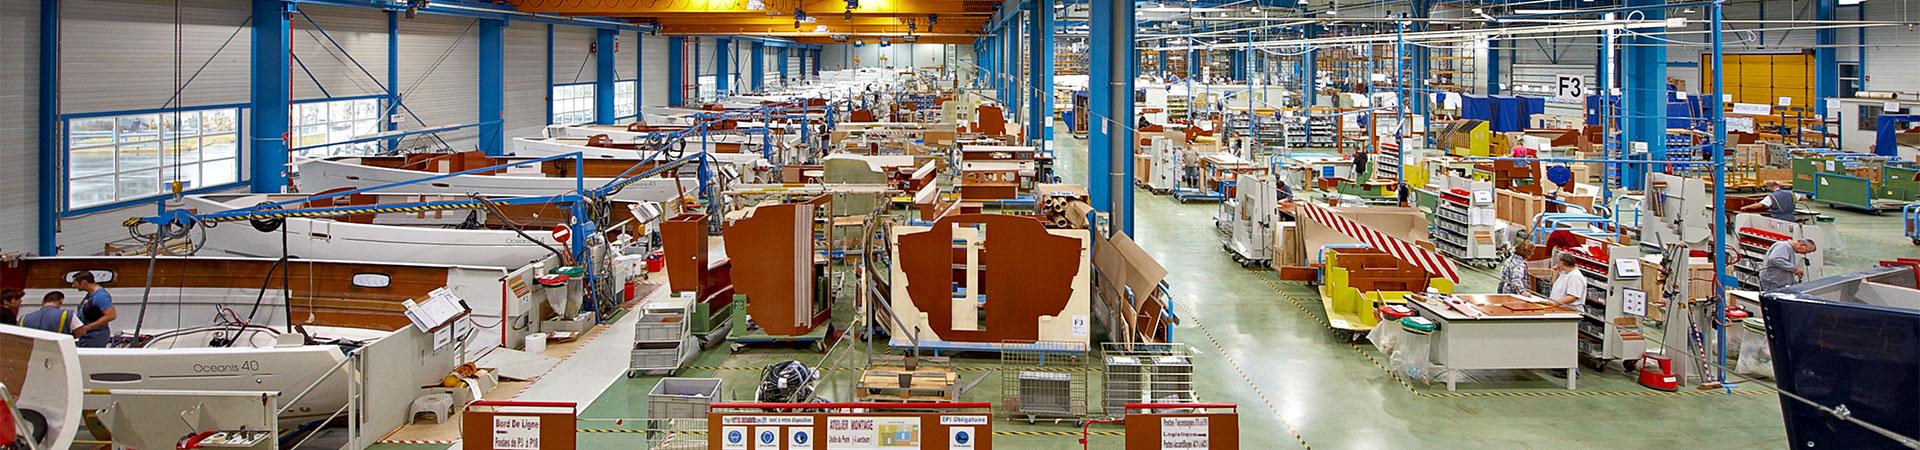 Beneteau Produktionshalle